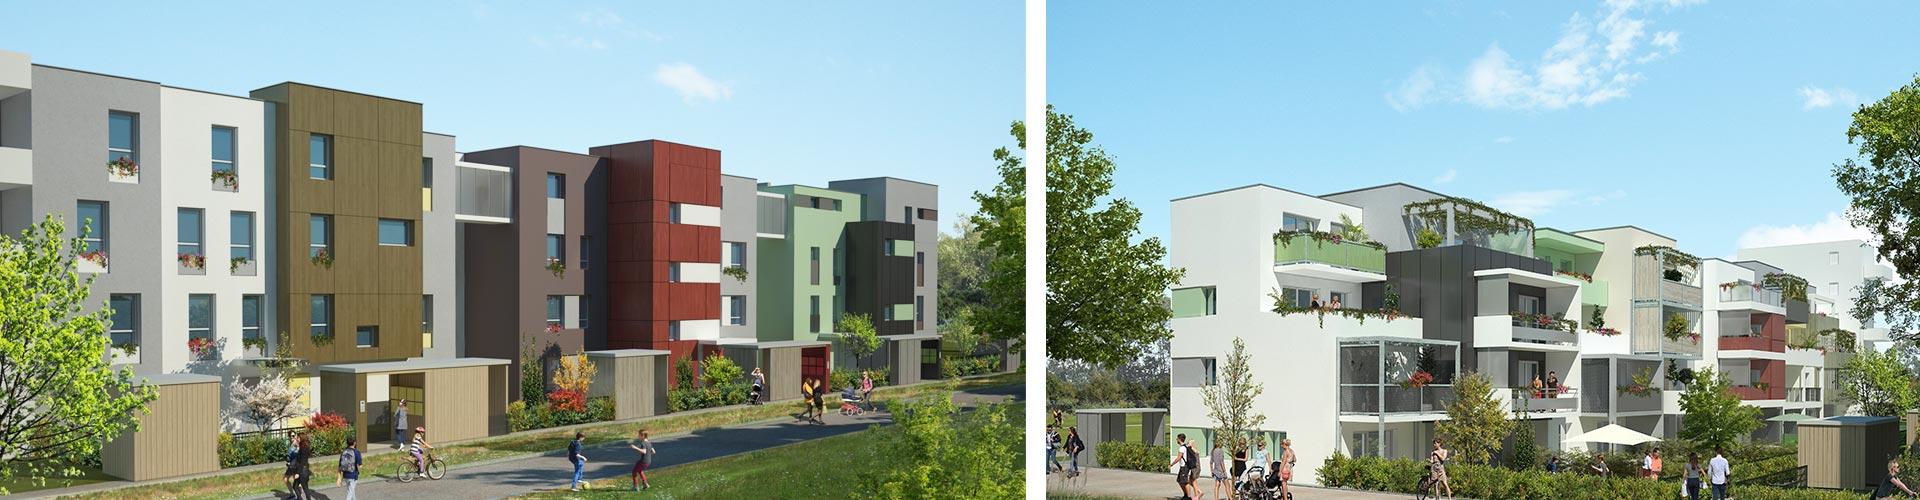 Les terrasses du Colisée à Dijon, appartement neuf ecoquartier Dijon, immobilier neuf écoquartier dijon